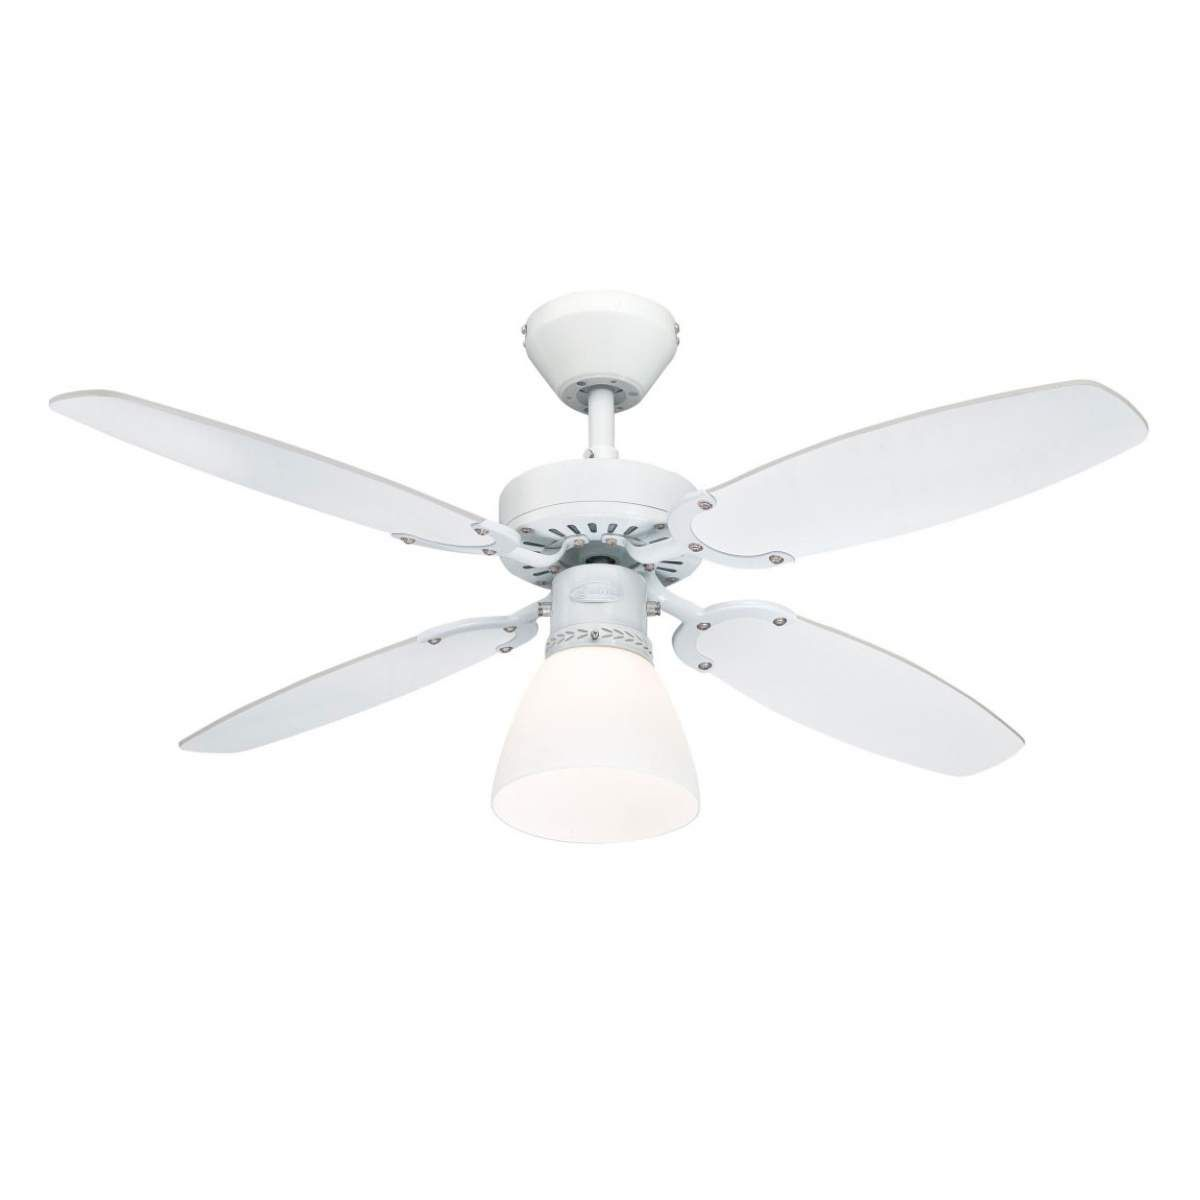 Westinghouse Capitol Ventilator Flugel Weiss Buche Ventilator Deckenventilator Und Glas